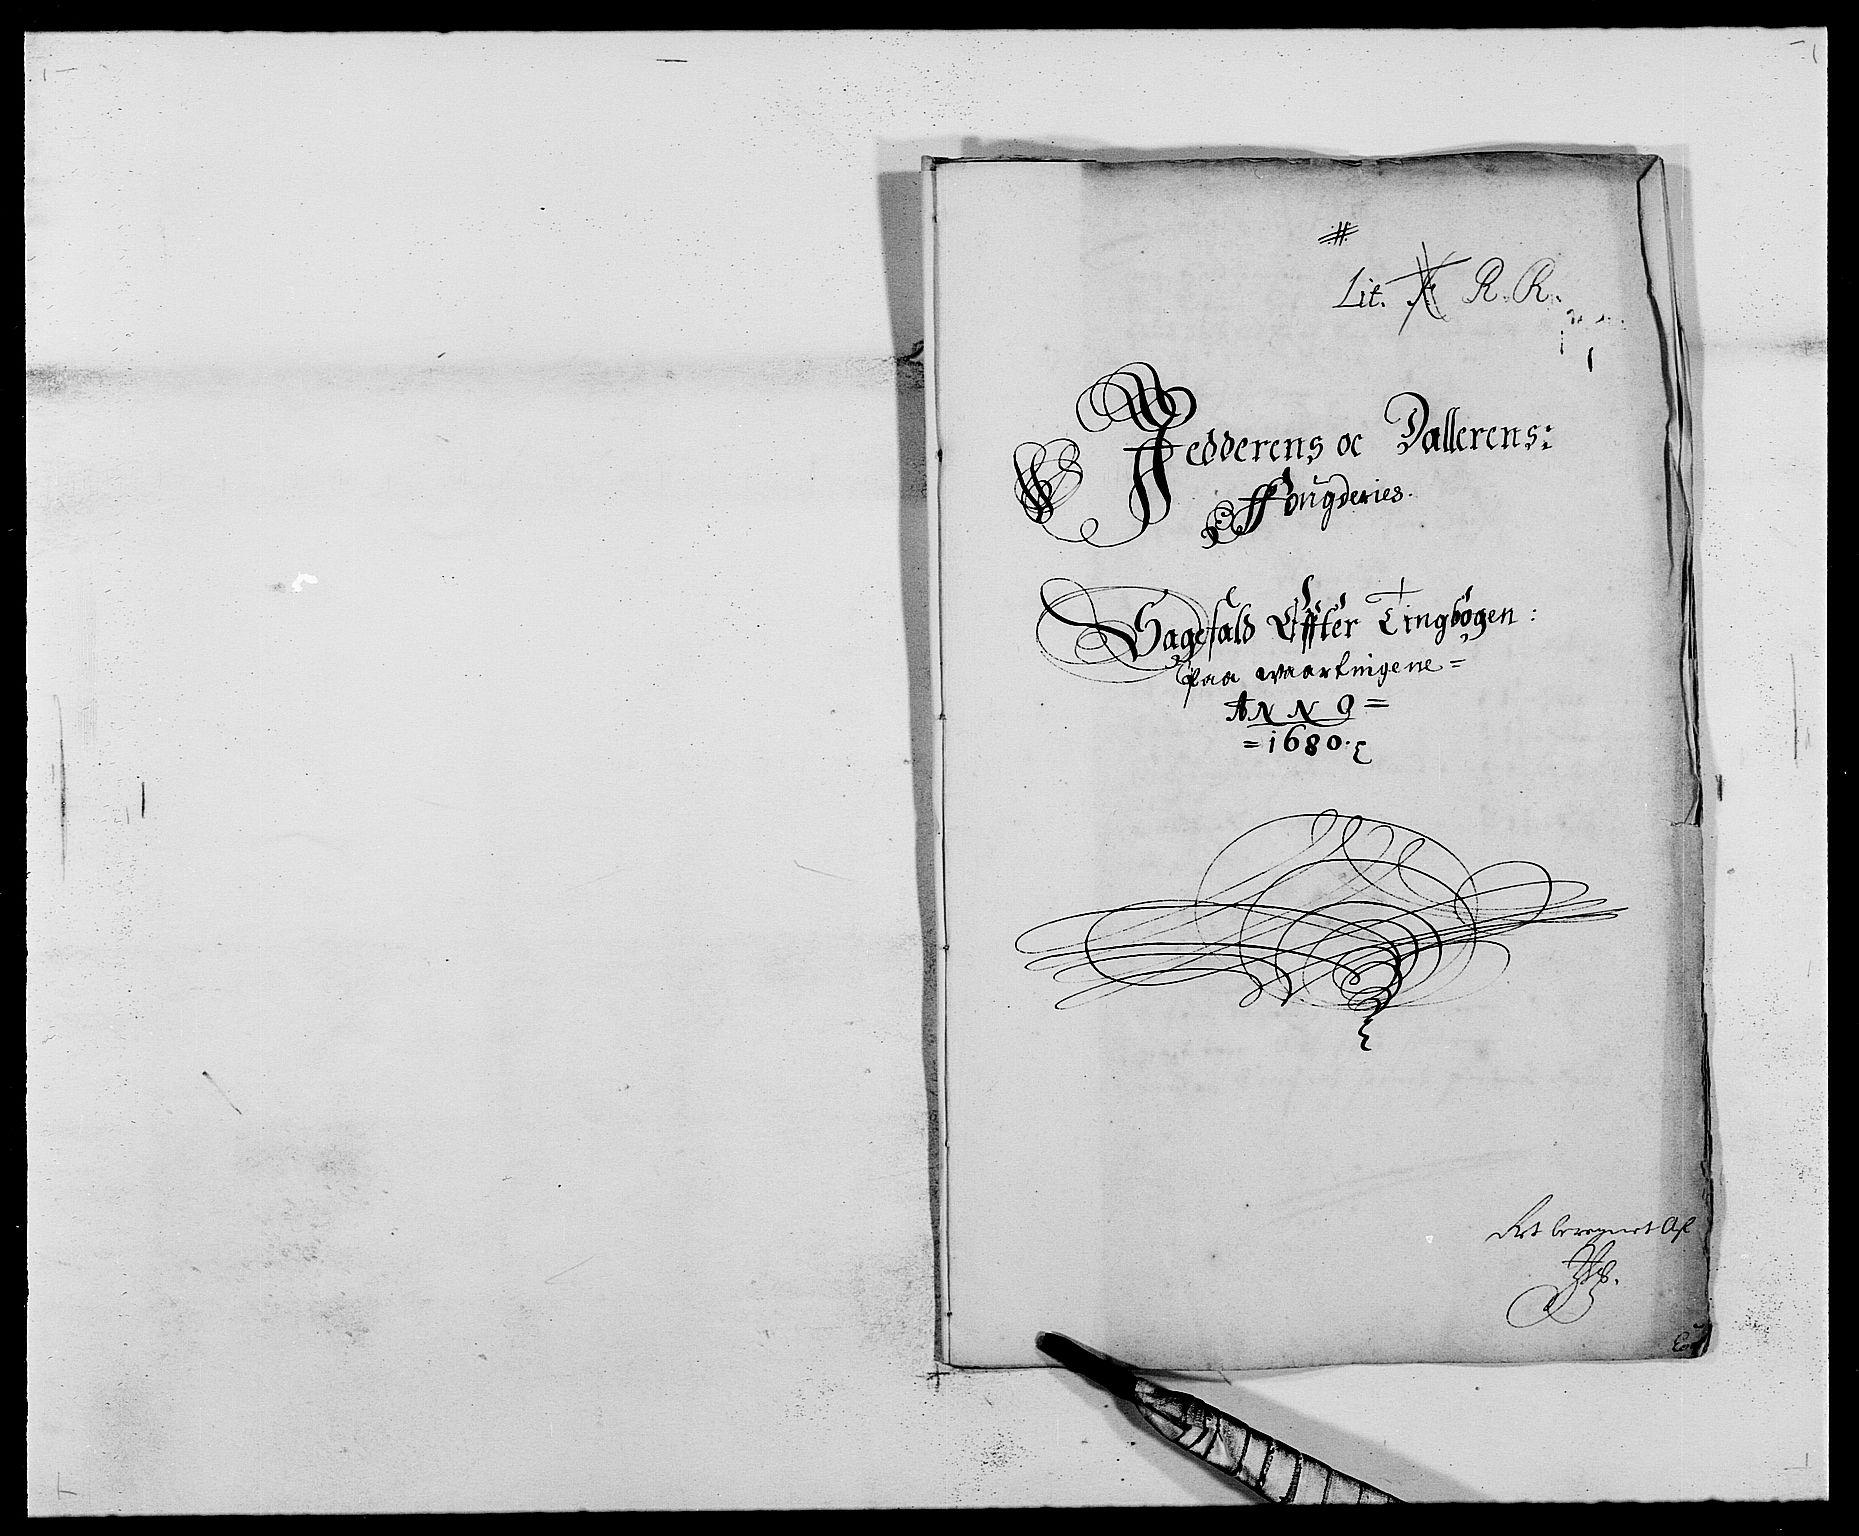 RA, Rentekammeret inntil 1814, Reviderte regnskaper, Fogderegnskap, R46/L2721: Fogderegnskap Jæren og Dalane, 1680, s. 198